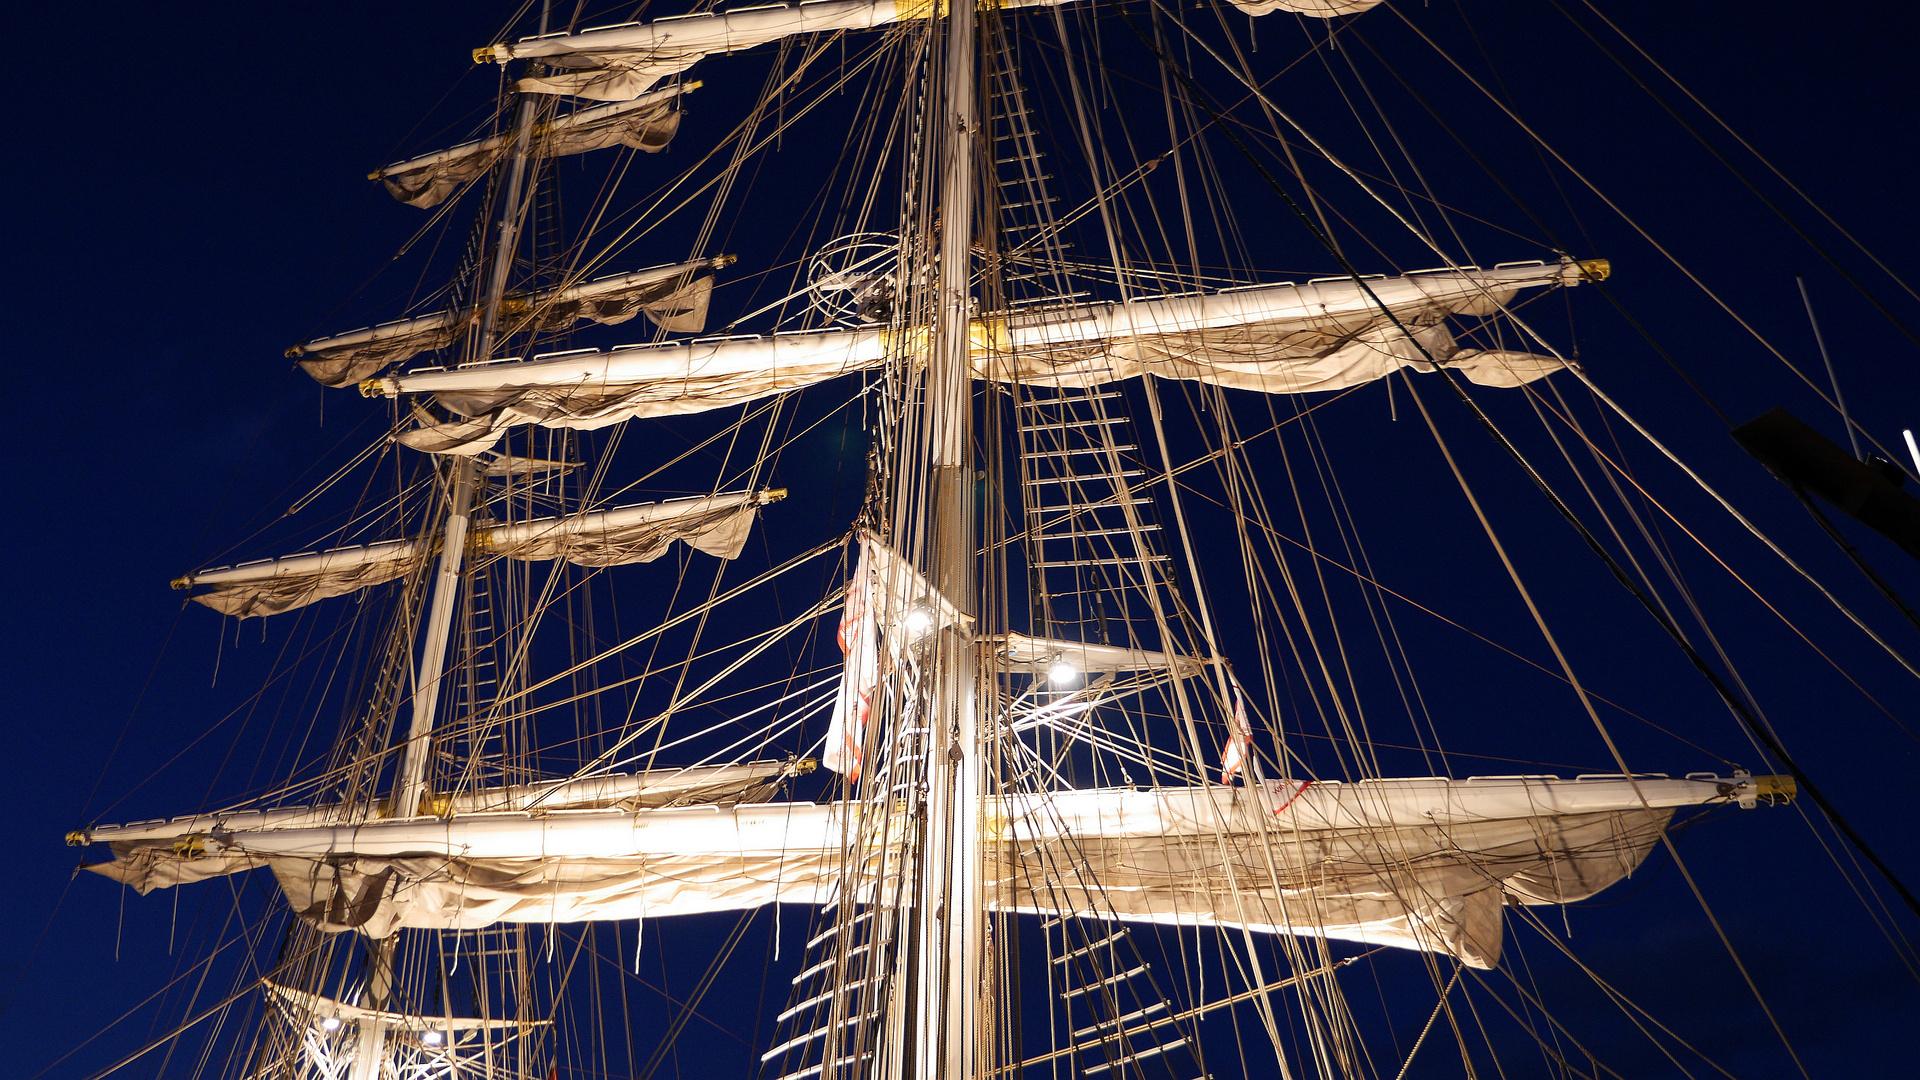 ~~~ Takelage vom Segelschiff-mercedes ~~~